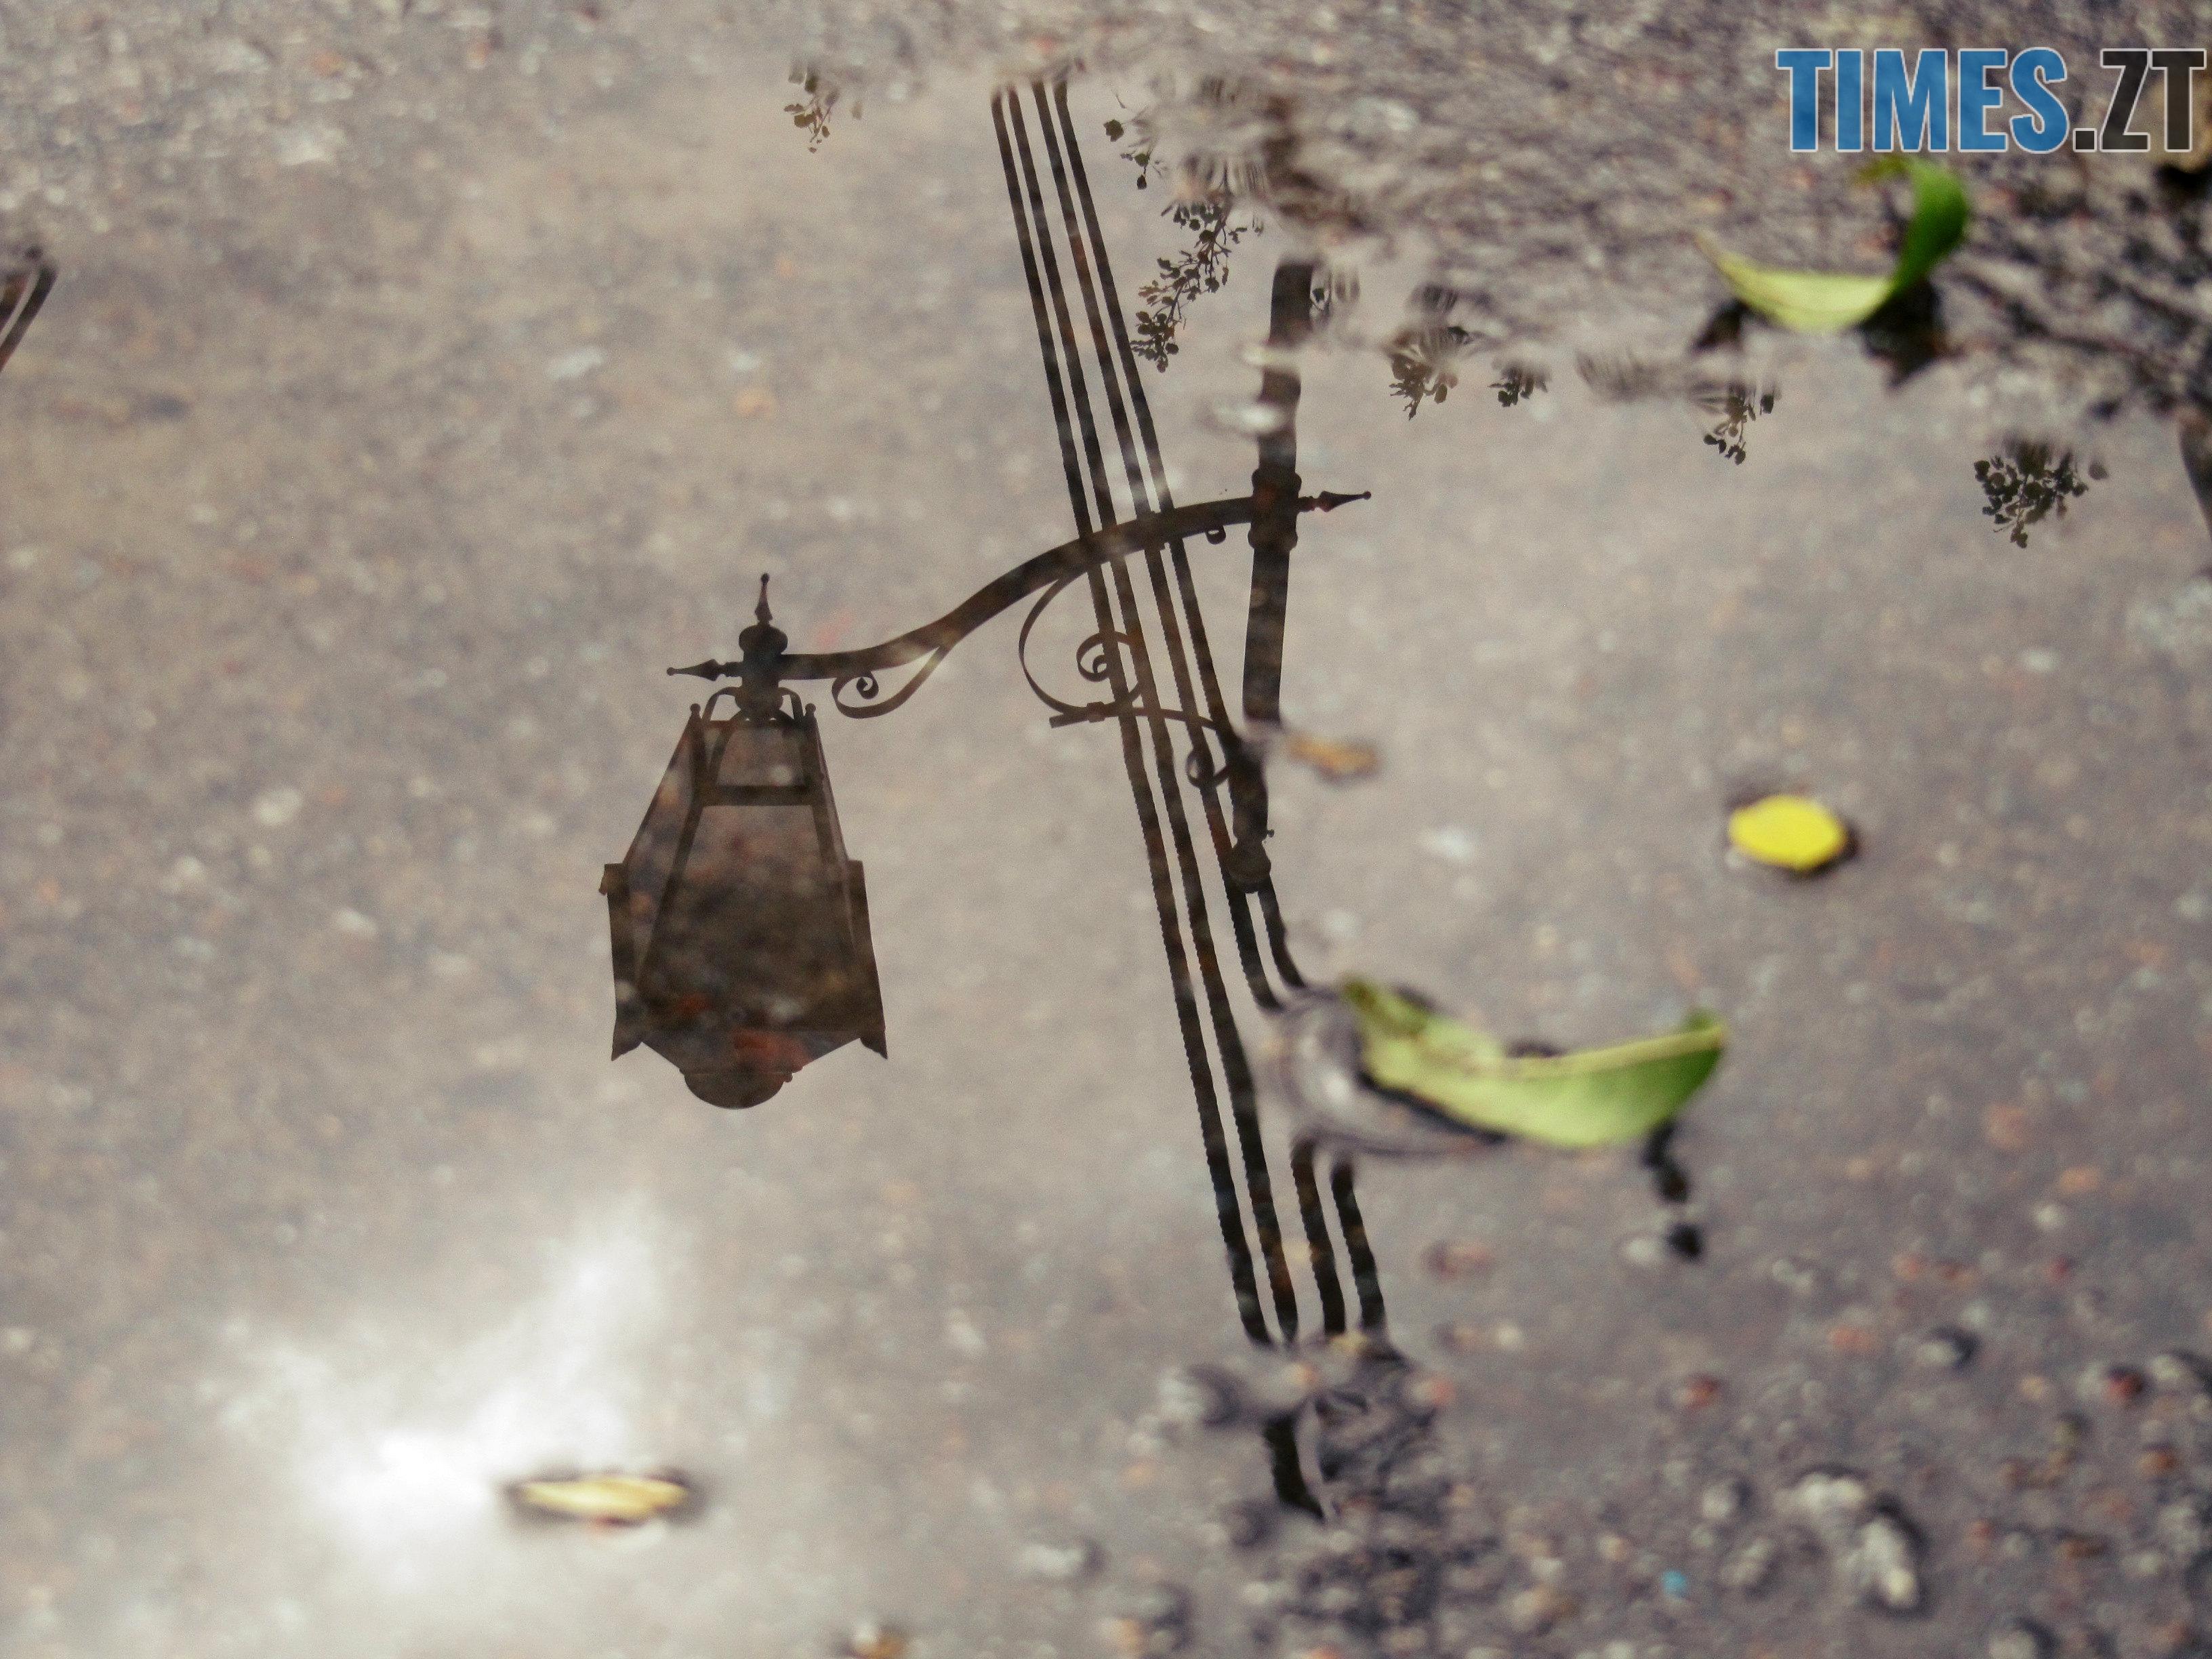 IMG 7838 1 - Осінній Житомир: місто в деталях